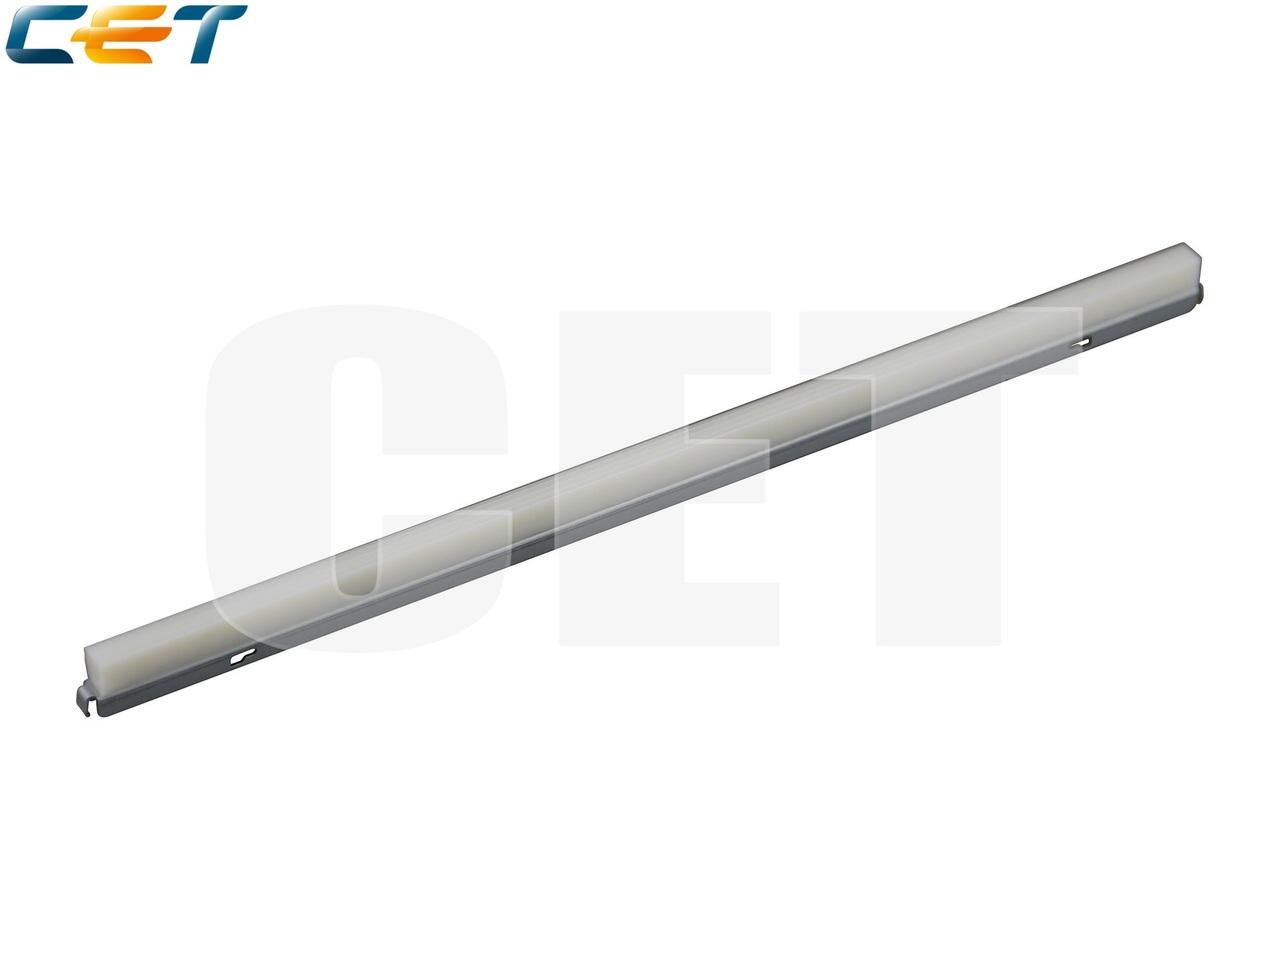 Смазывающая пластина барабана для RICOH AficioMPC3501/MPC3001 (CET), CET6077